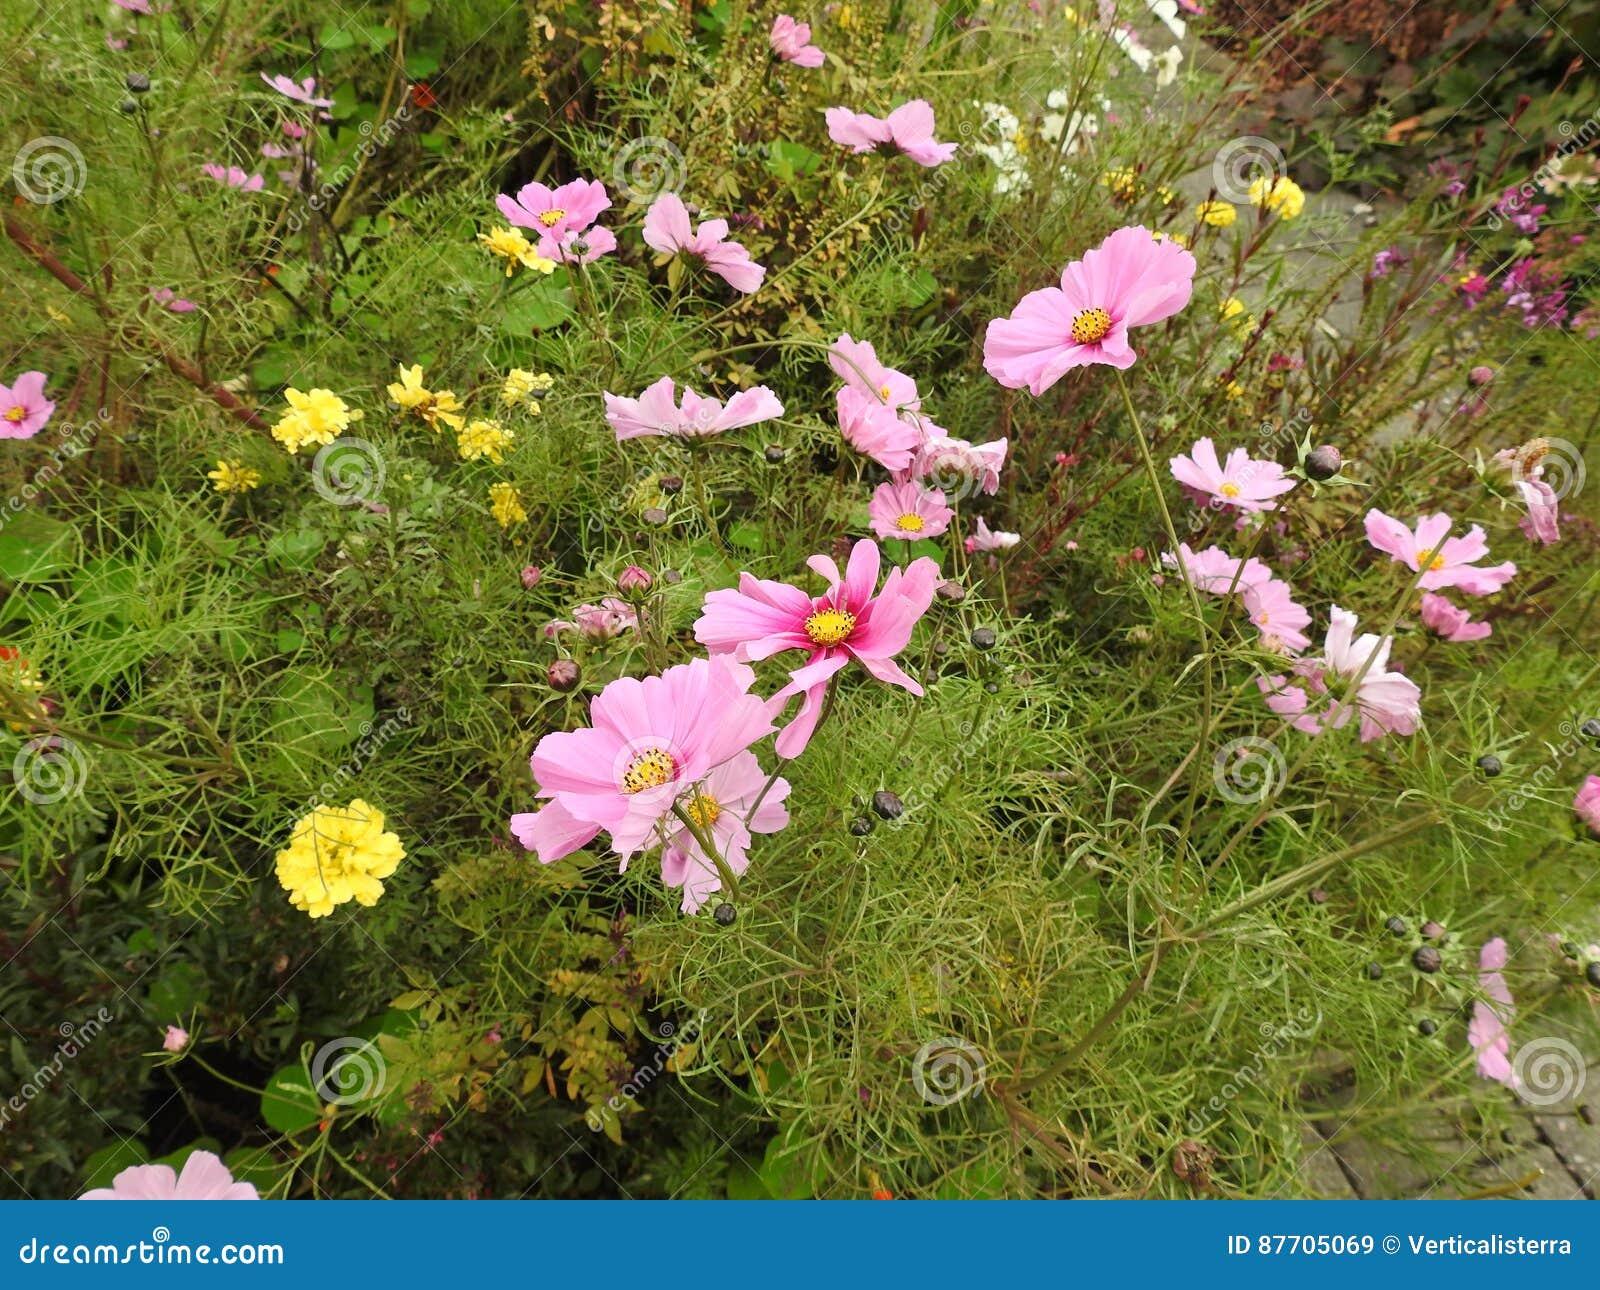 La flor del cosmos es una planta delicada que embellece fácilmente un jardín por sus numerosas flores en el verano